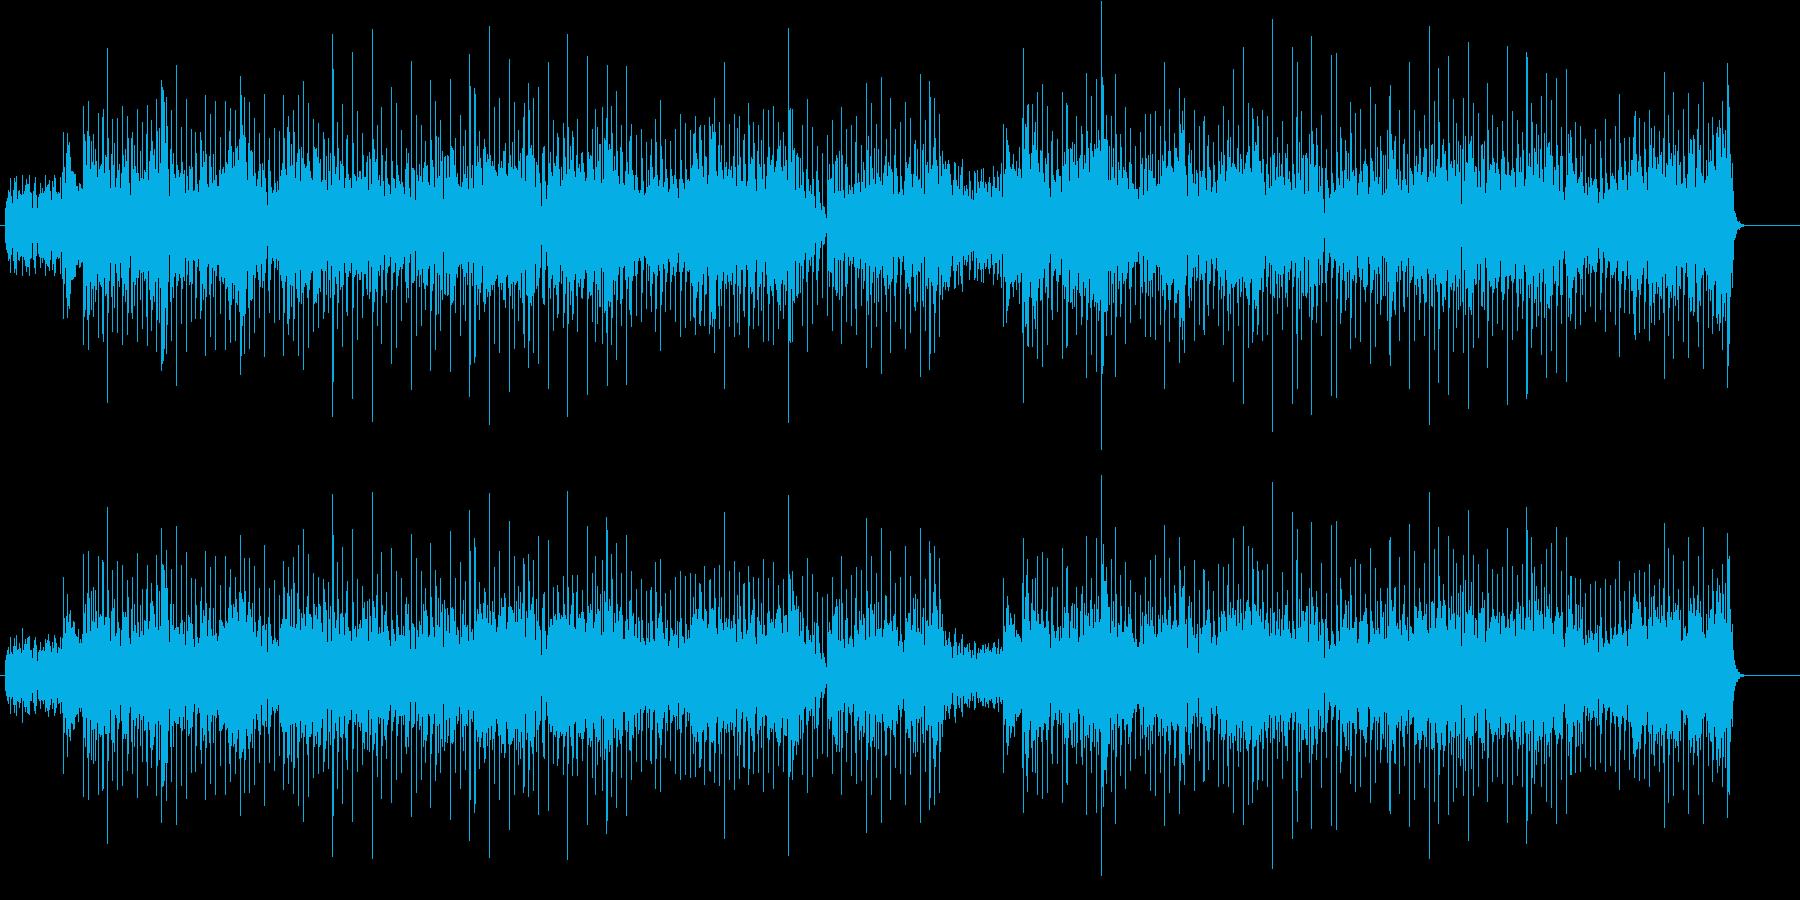 アシッド感覚のジャズ/フュージョンの再生済みの波形